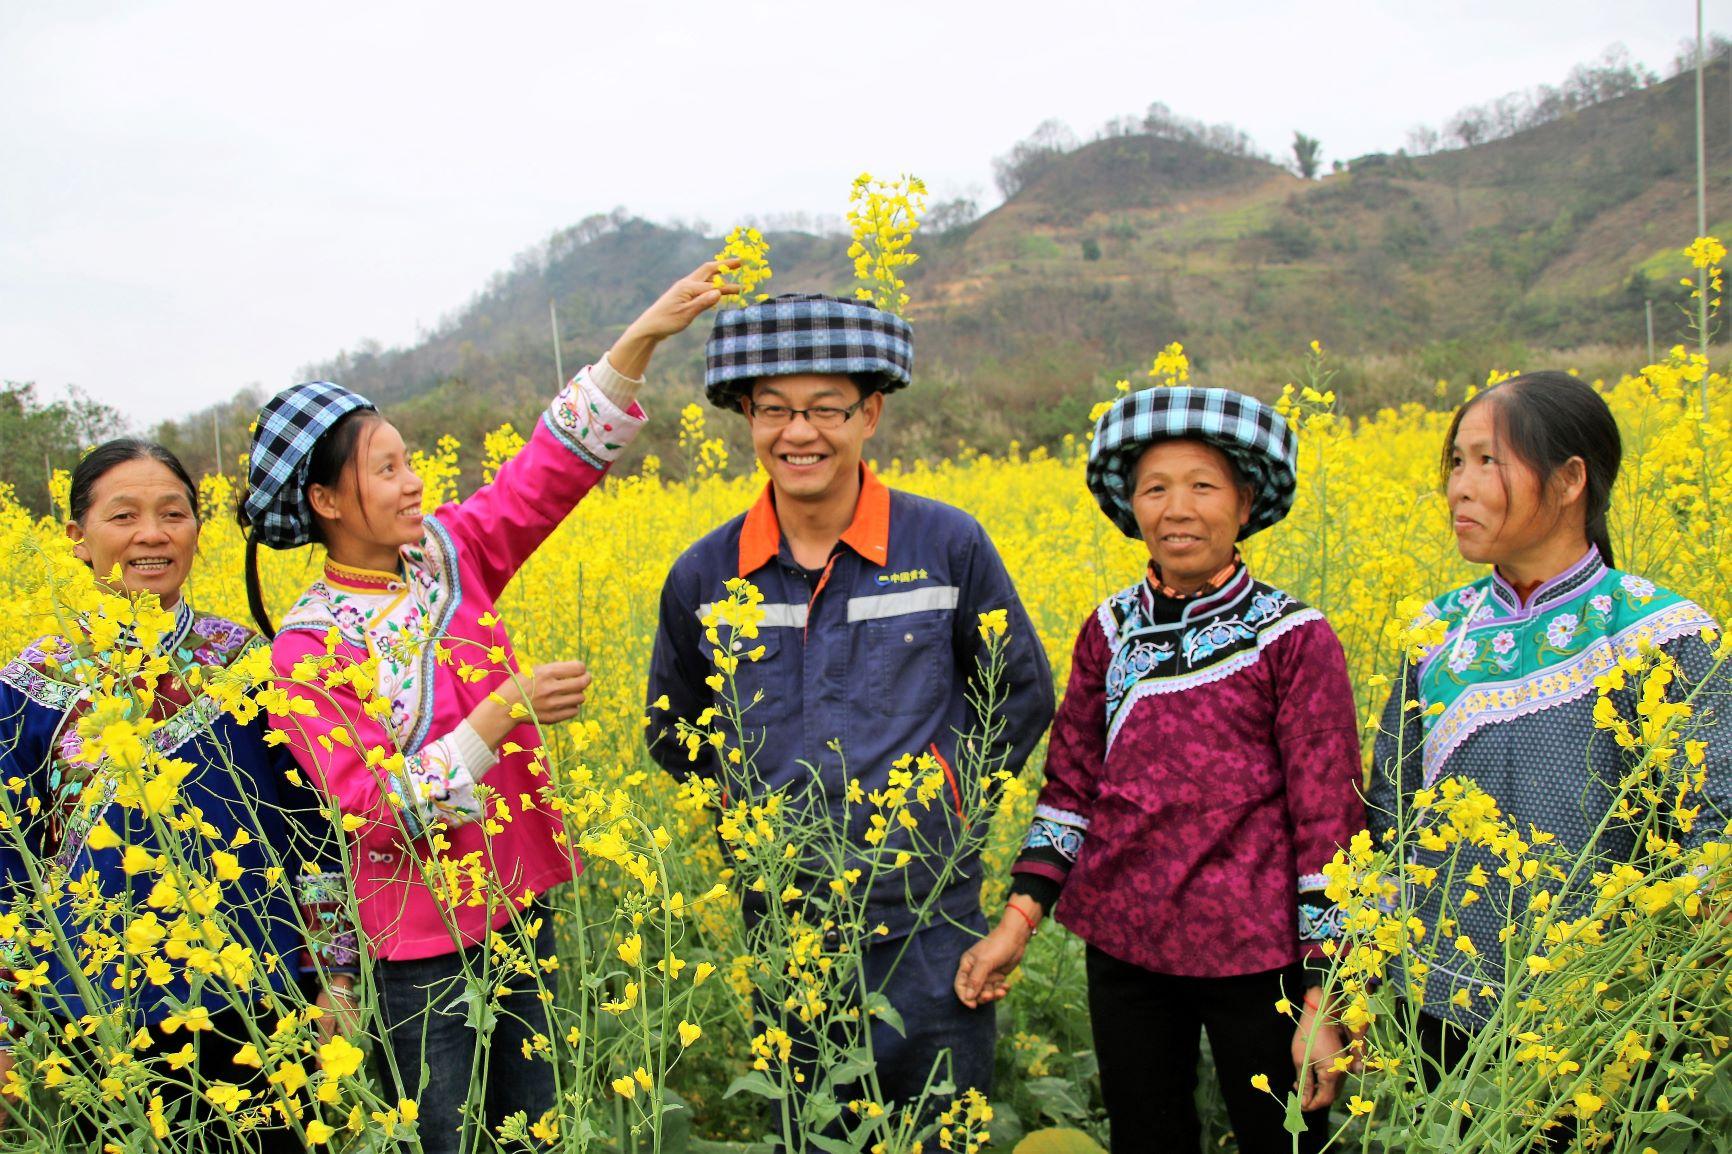 雷涛-09布依族员工畅游油菜田